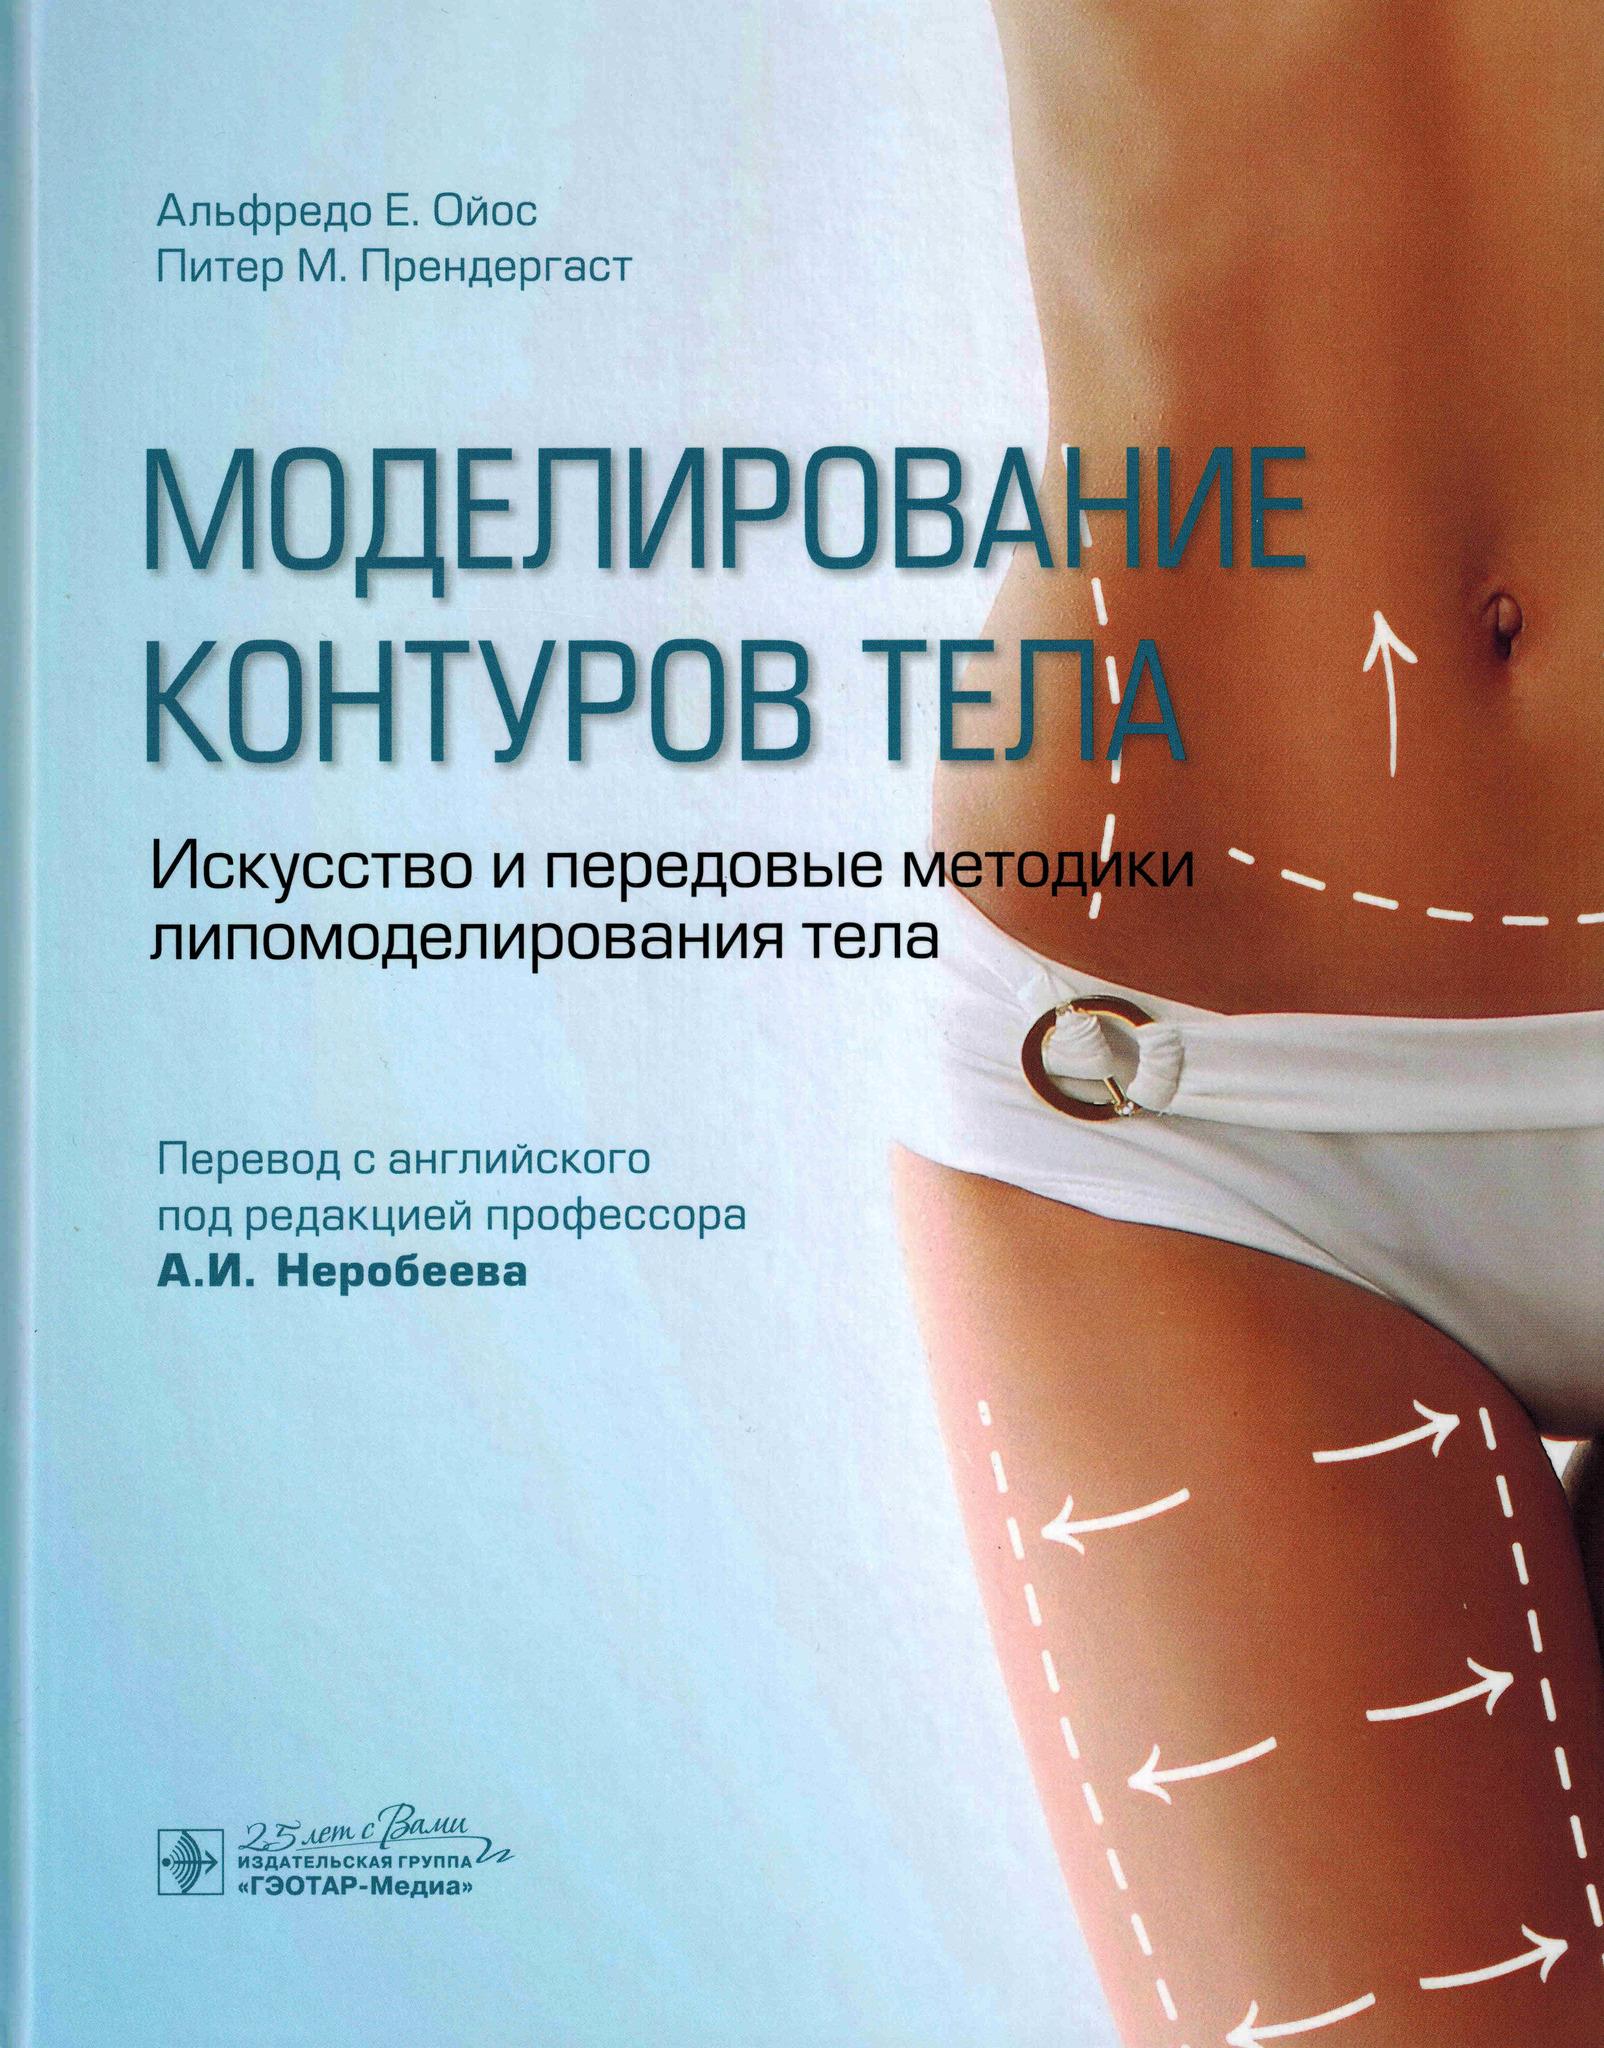 Учебники по косметологии Моделирование контуров тела. Искусство и передовые методики липомоделирования тела model_kont_tel.jpg